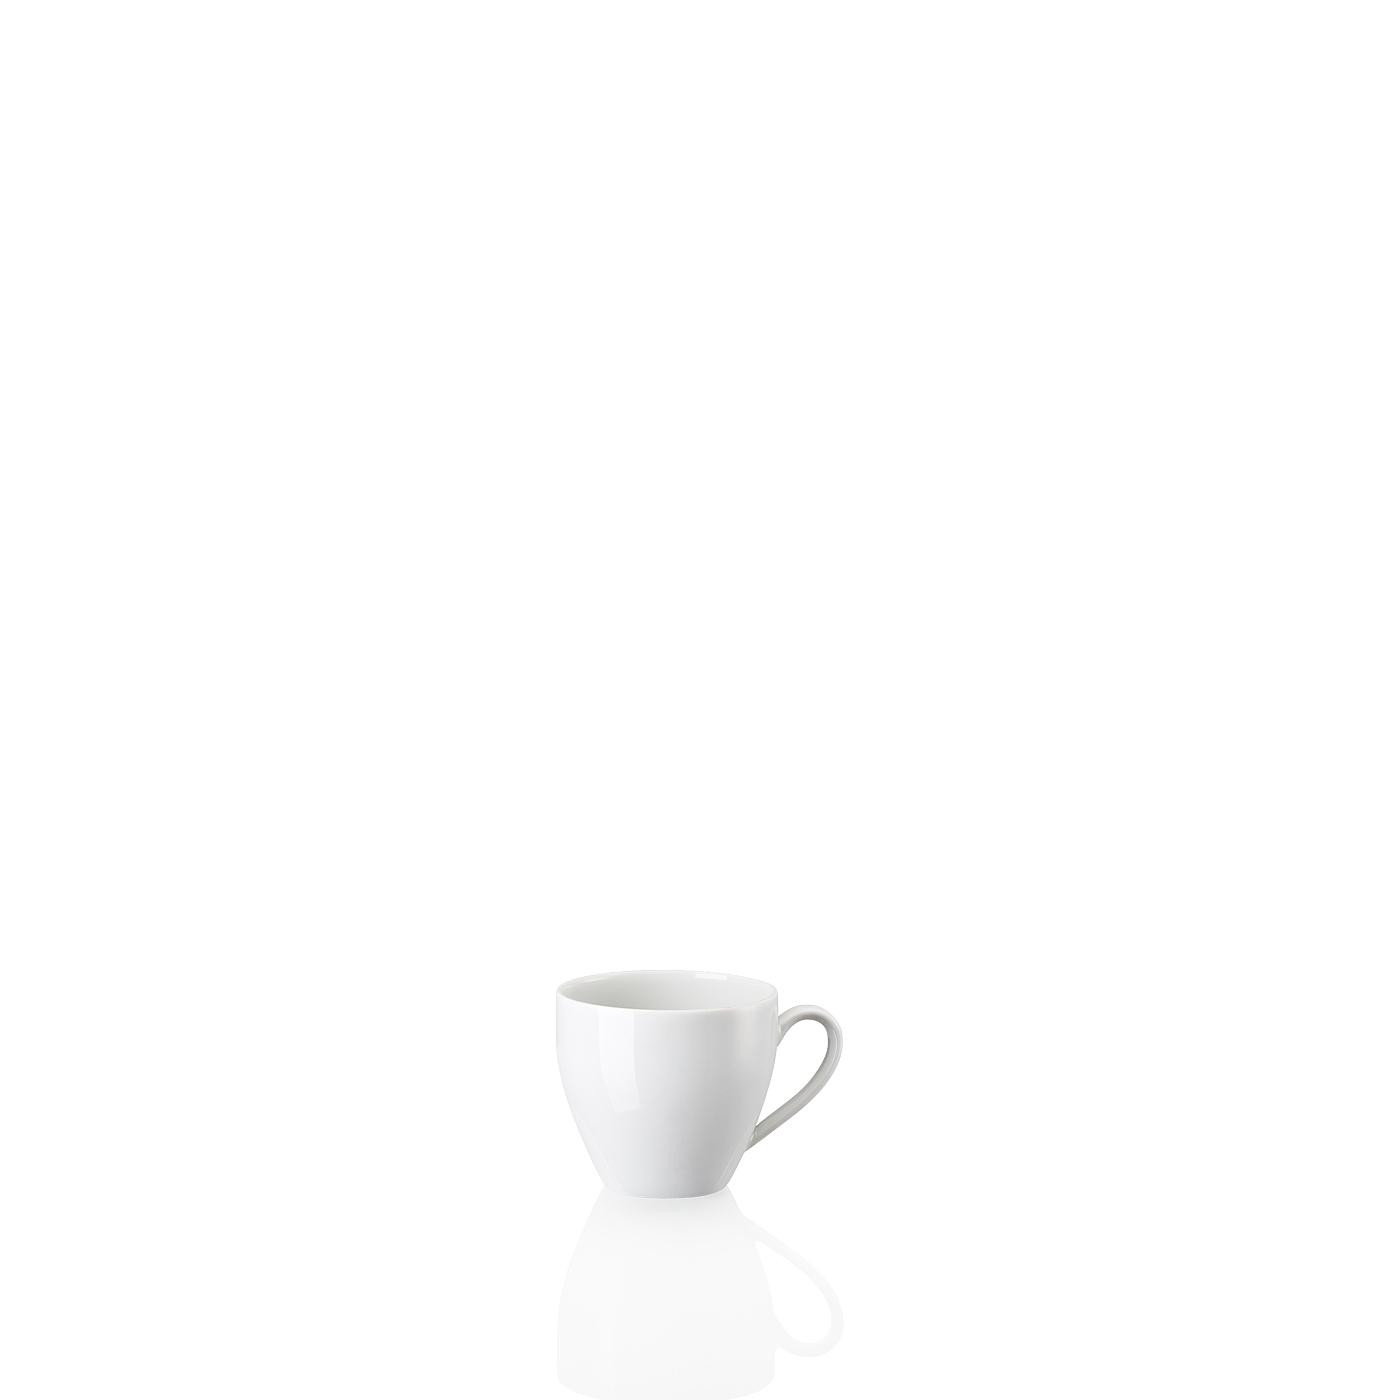 Espresso-/Mokka-Obertasse Form 2000 Weiss Arzberg